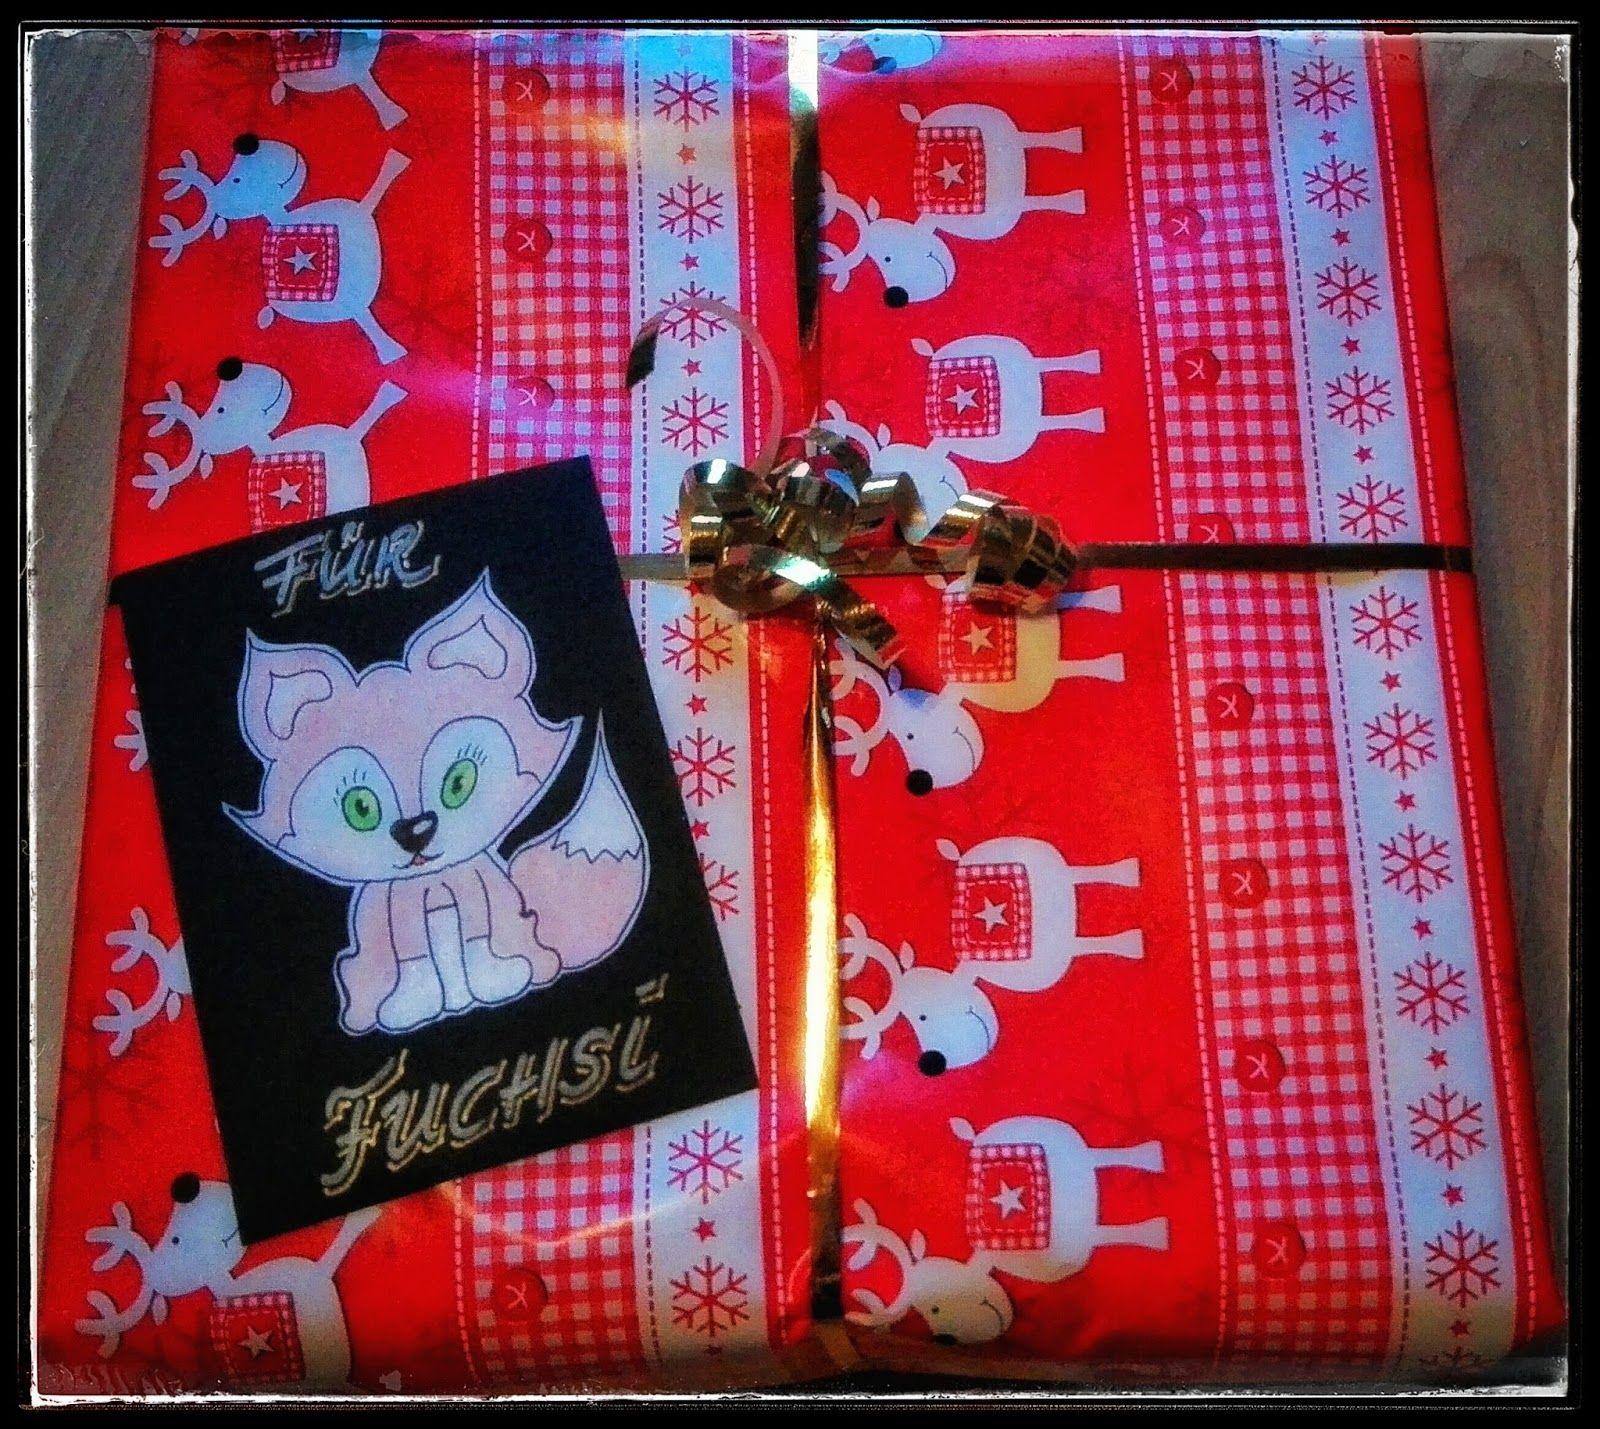 Wichtel Wichteln Weihnachten Fuchs Zeichnen Basteln Schachteln